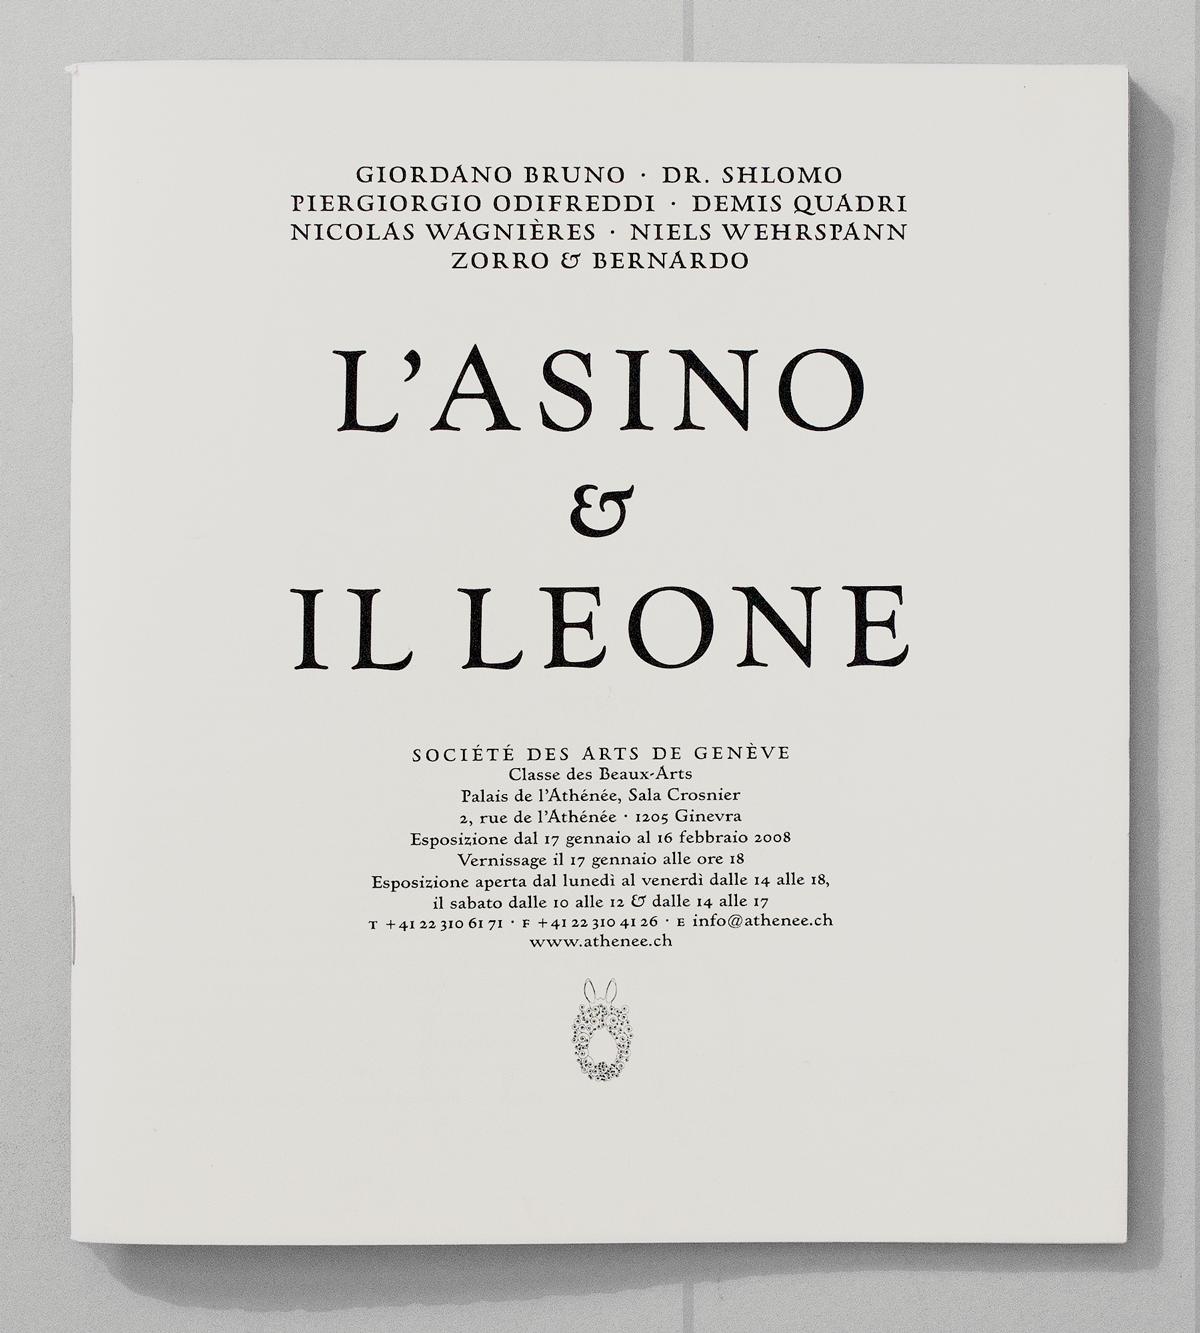 Brochure pour l'exposition «L'Ane et le lion» de Zorro & Bernardo au Palais de l'Athénée, Genève. Dessins de Nicolas Wagnières et Dr. Schlomo.